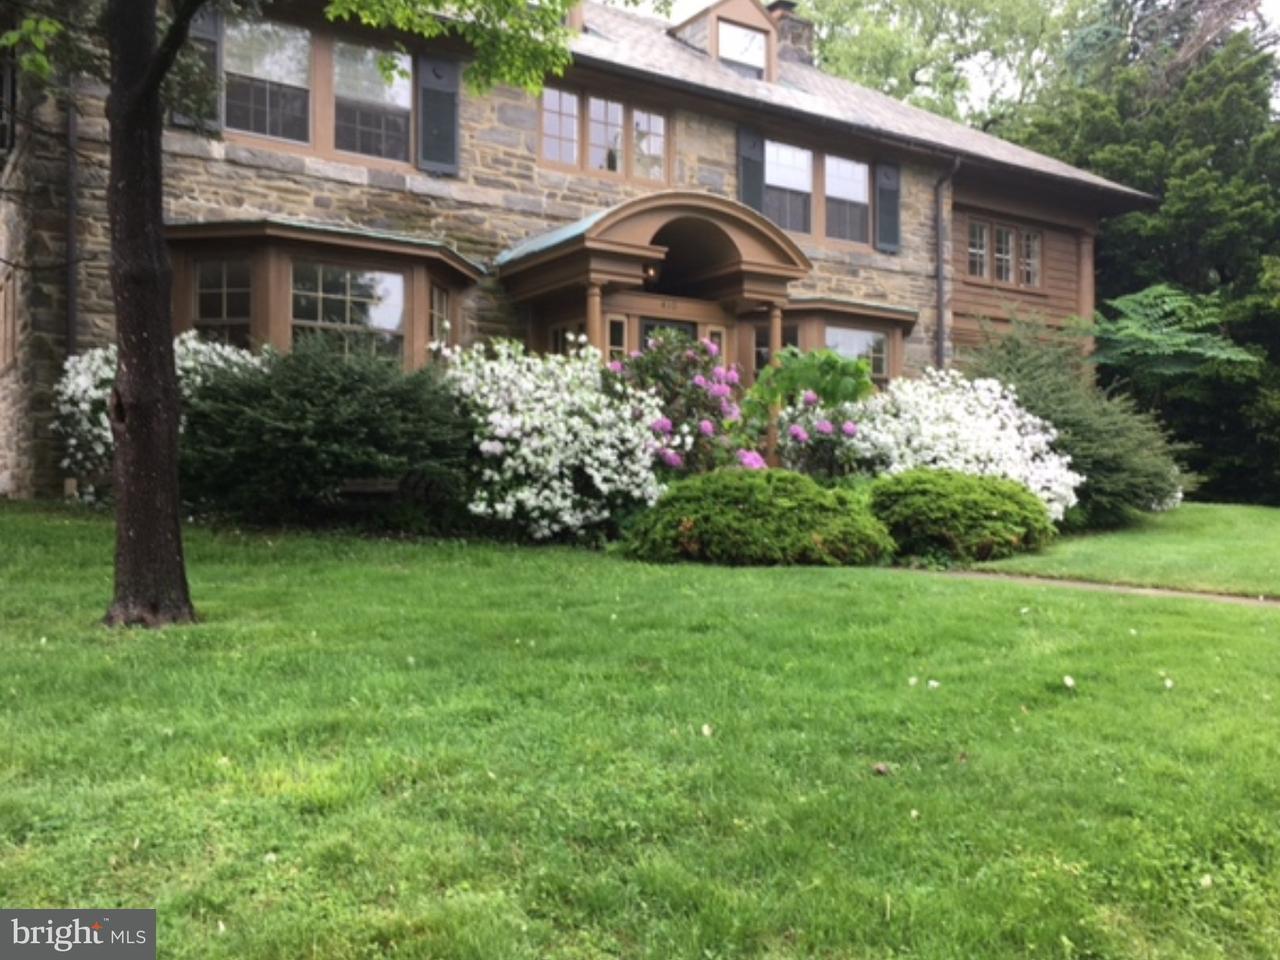 Частный односемейный дом для того Продажа на 410 CHAPEL Road Elkins Park, Пенсильвания 19027 Соединенные Штаты